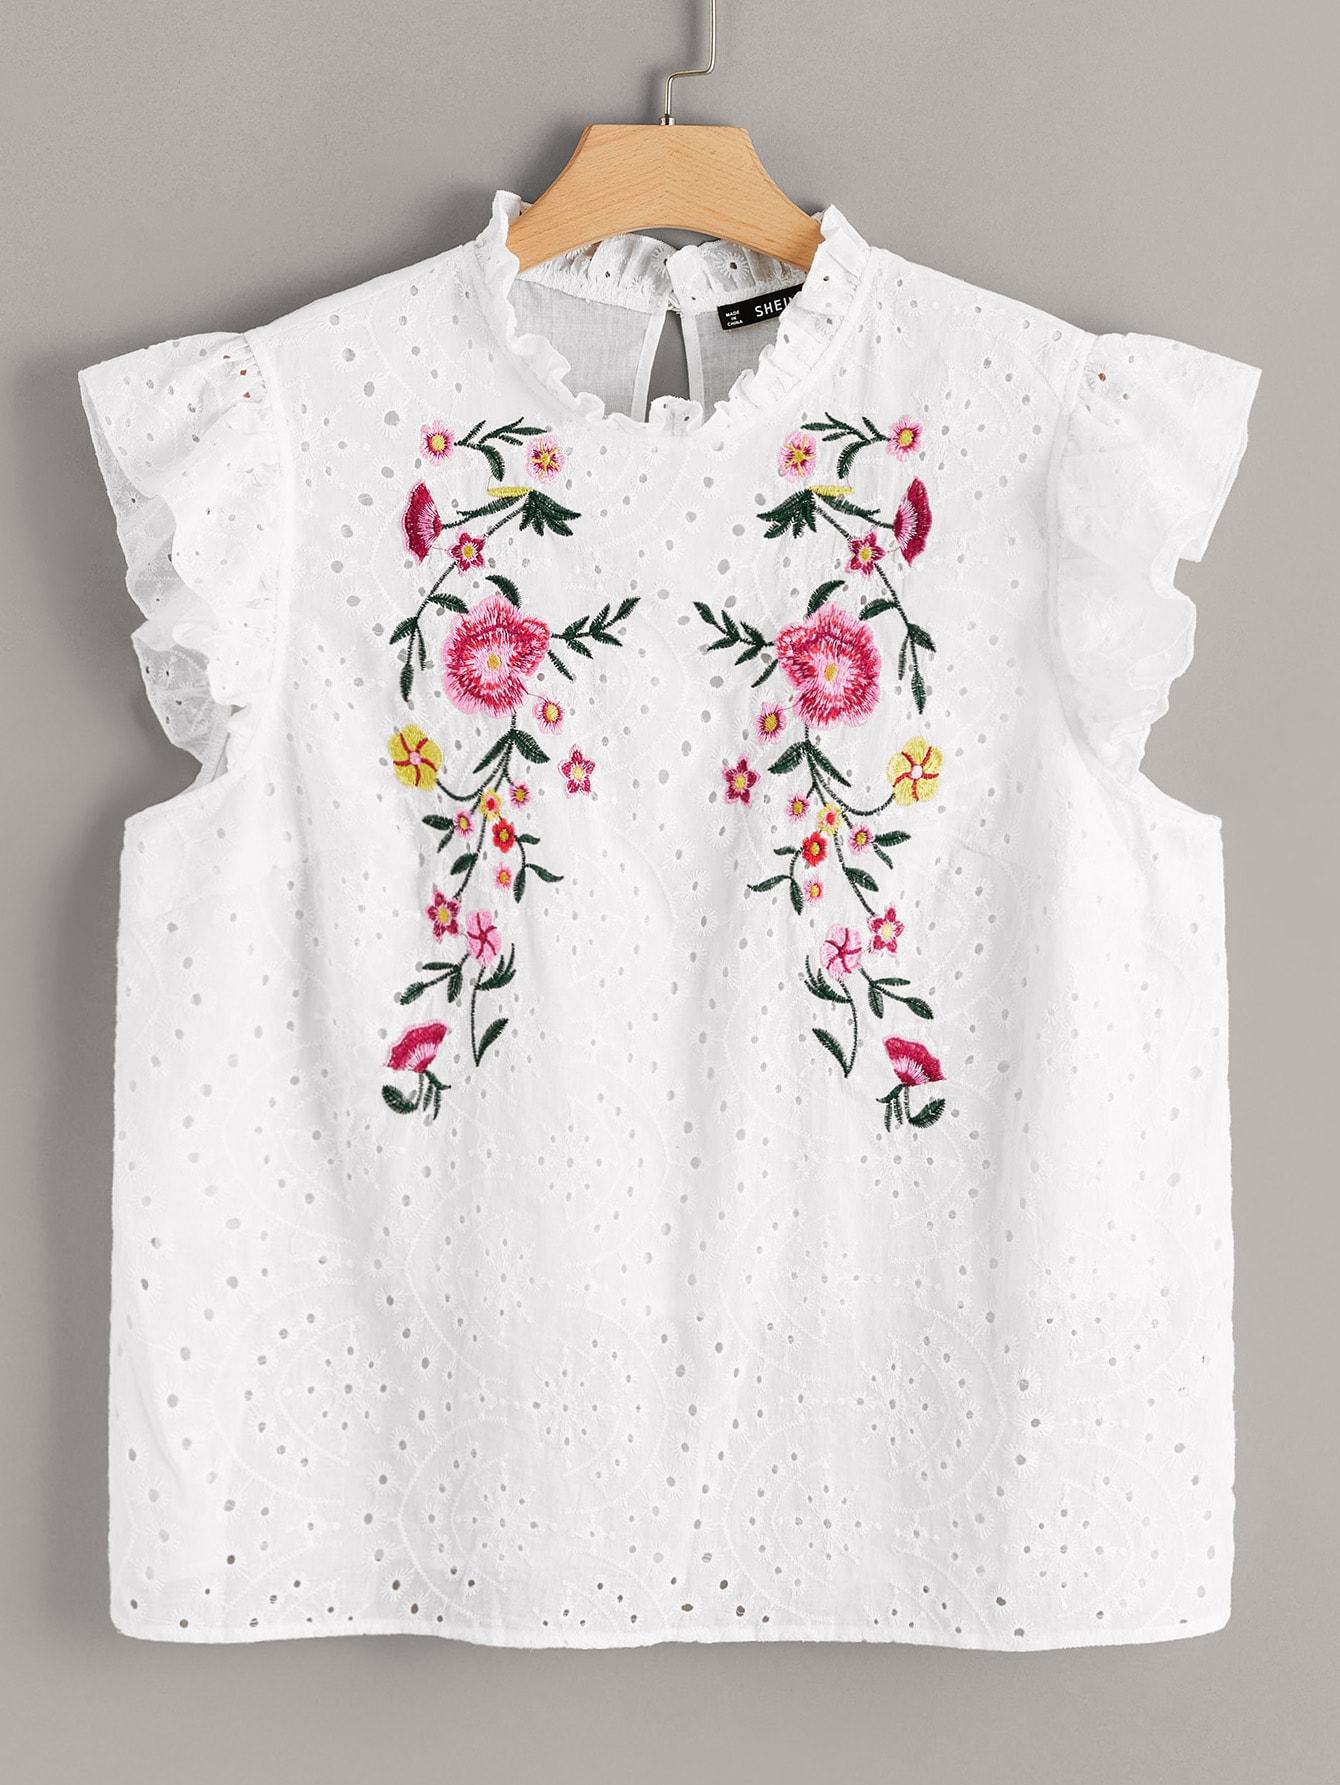 Фото - Топ с вышивкой, оборкой и воротником-стойка размера плюс от SheIn цвет белые